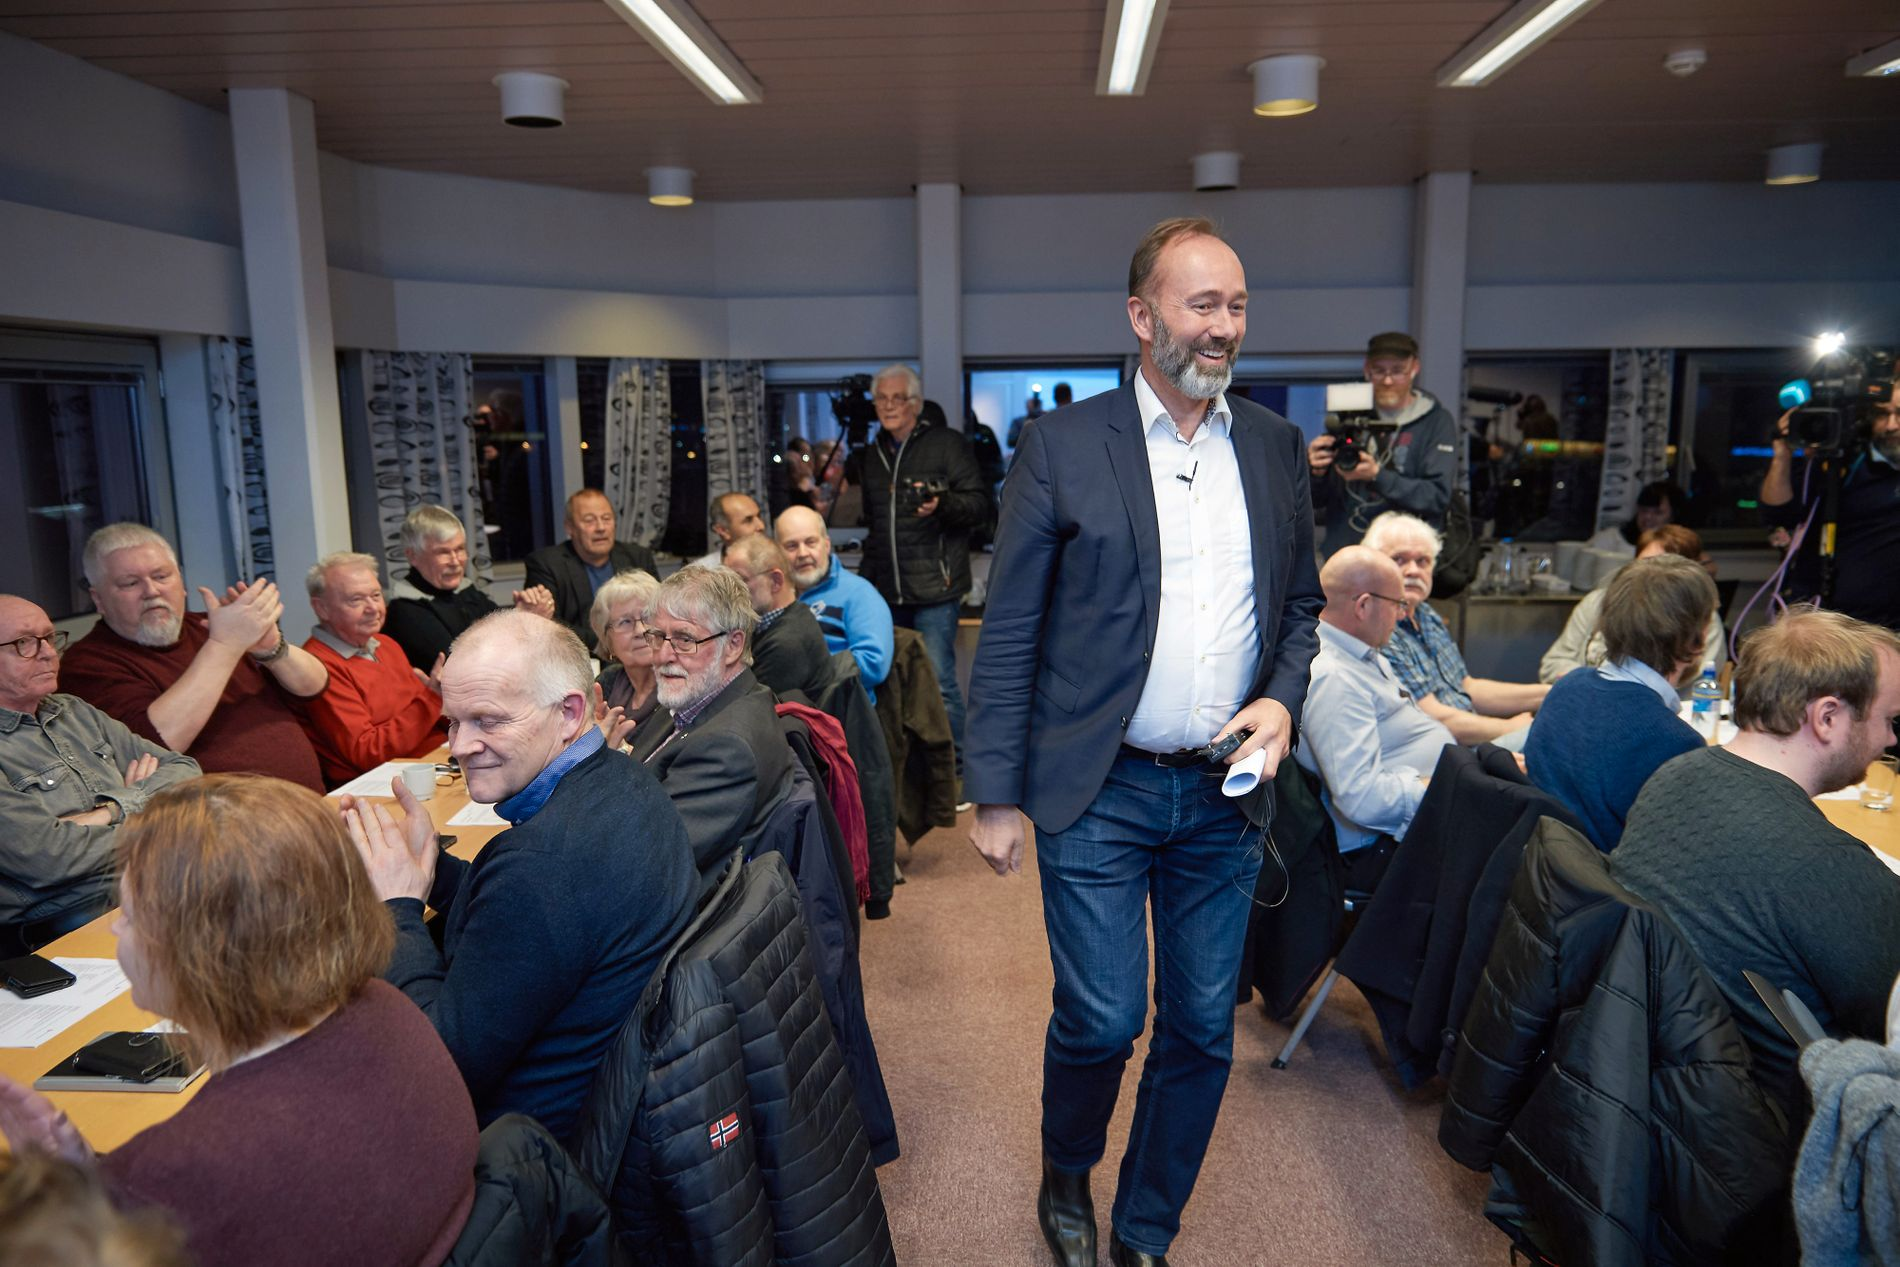 HOS SINE EGNE: Trond Giske ble tatt varmt imot da han gjestet årsmøtet i Steinkjer Ap i mars.